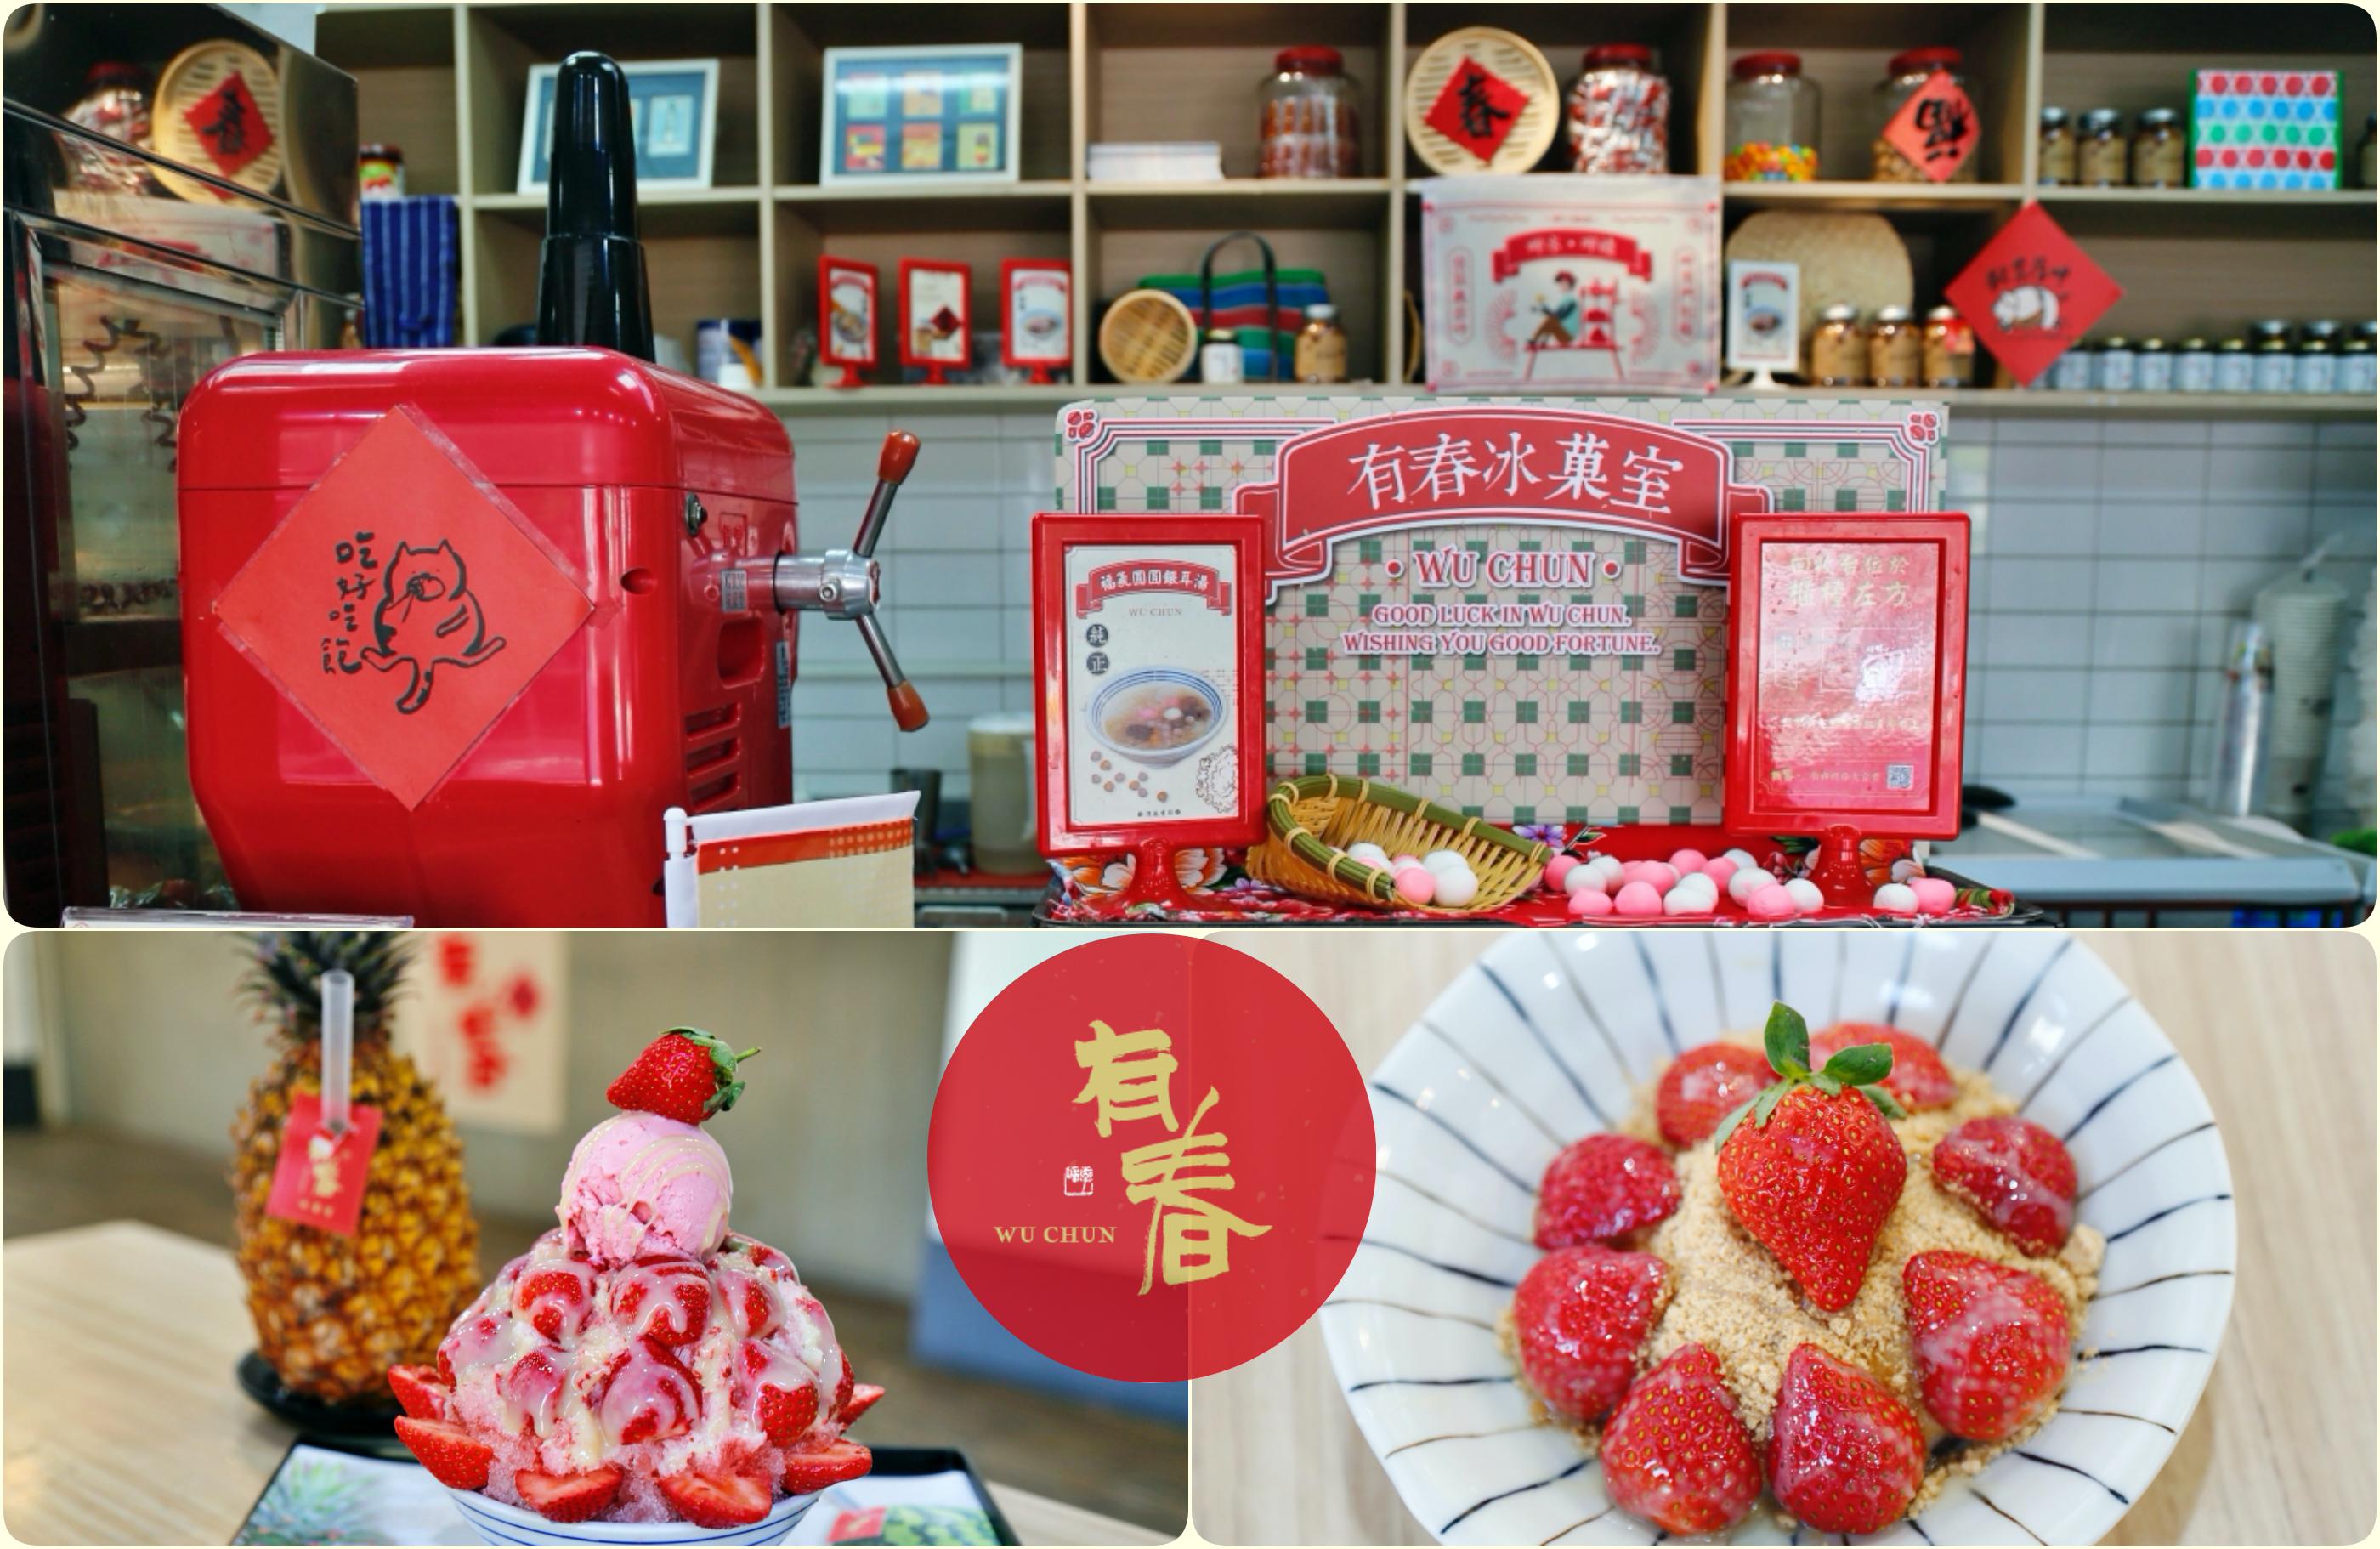 最新推播訊息:[台中西區]有春冰菓室|冬季限定草莓季商品開始囉!!整顆鳳梨冰沙端上桌超吸睛~草莓小山現身